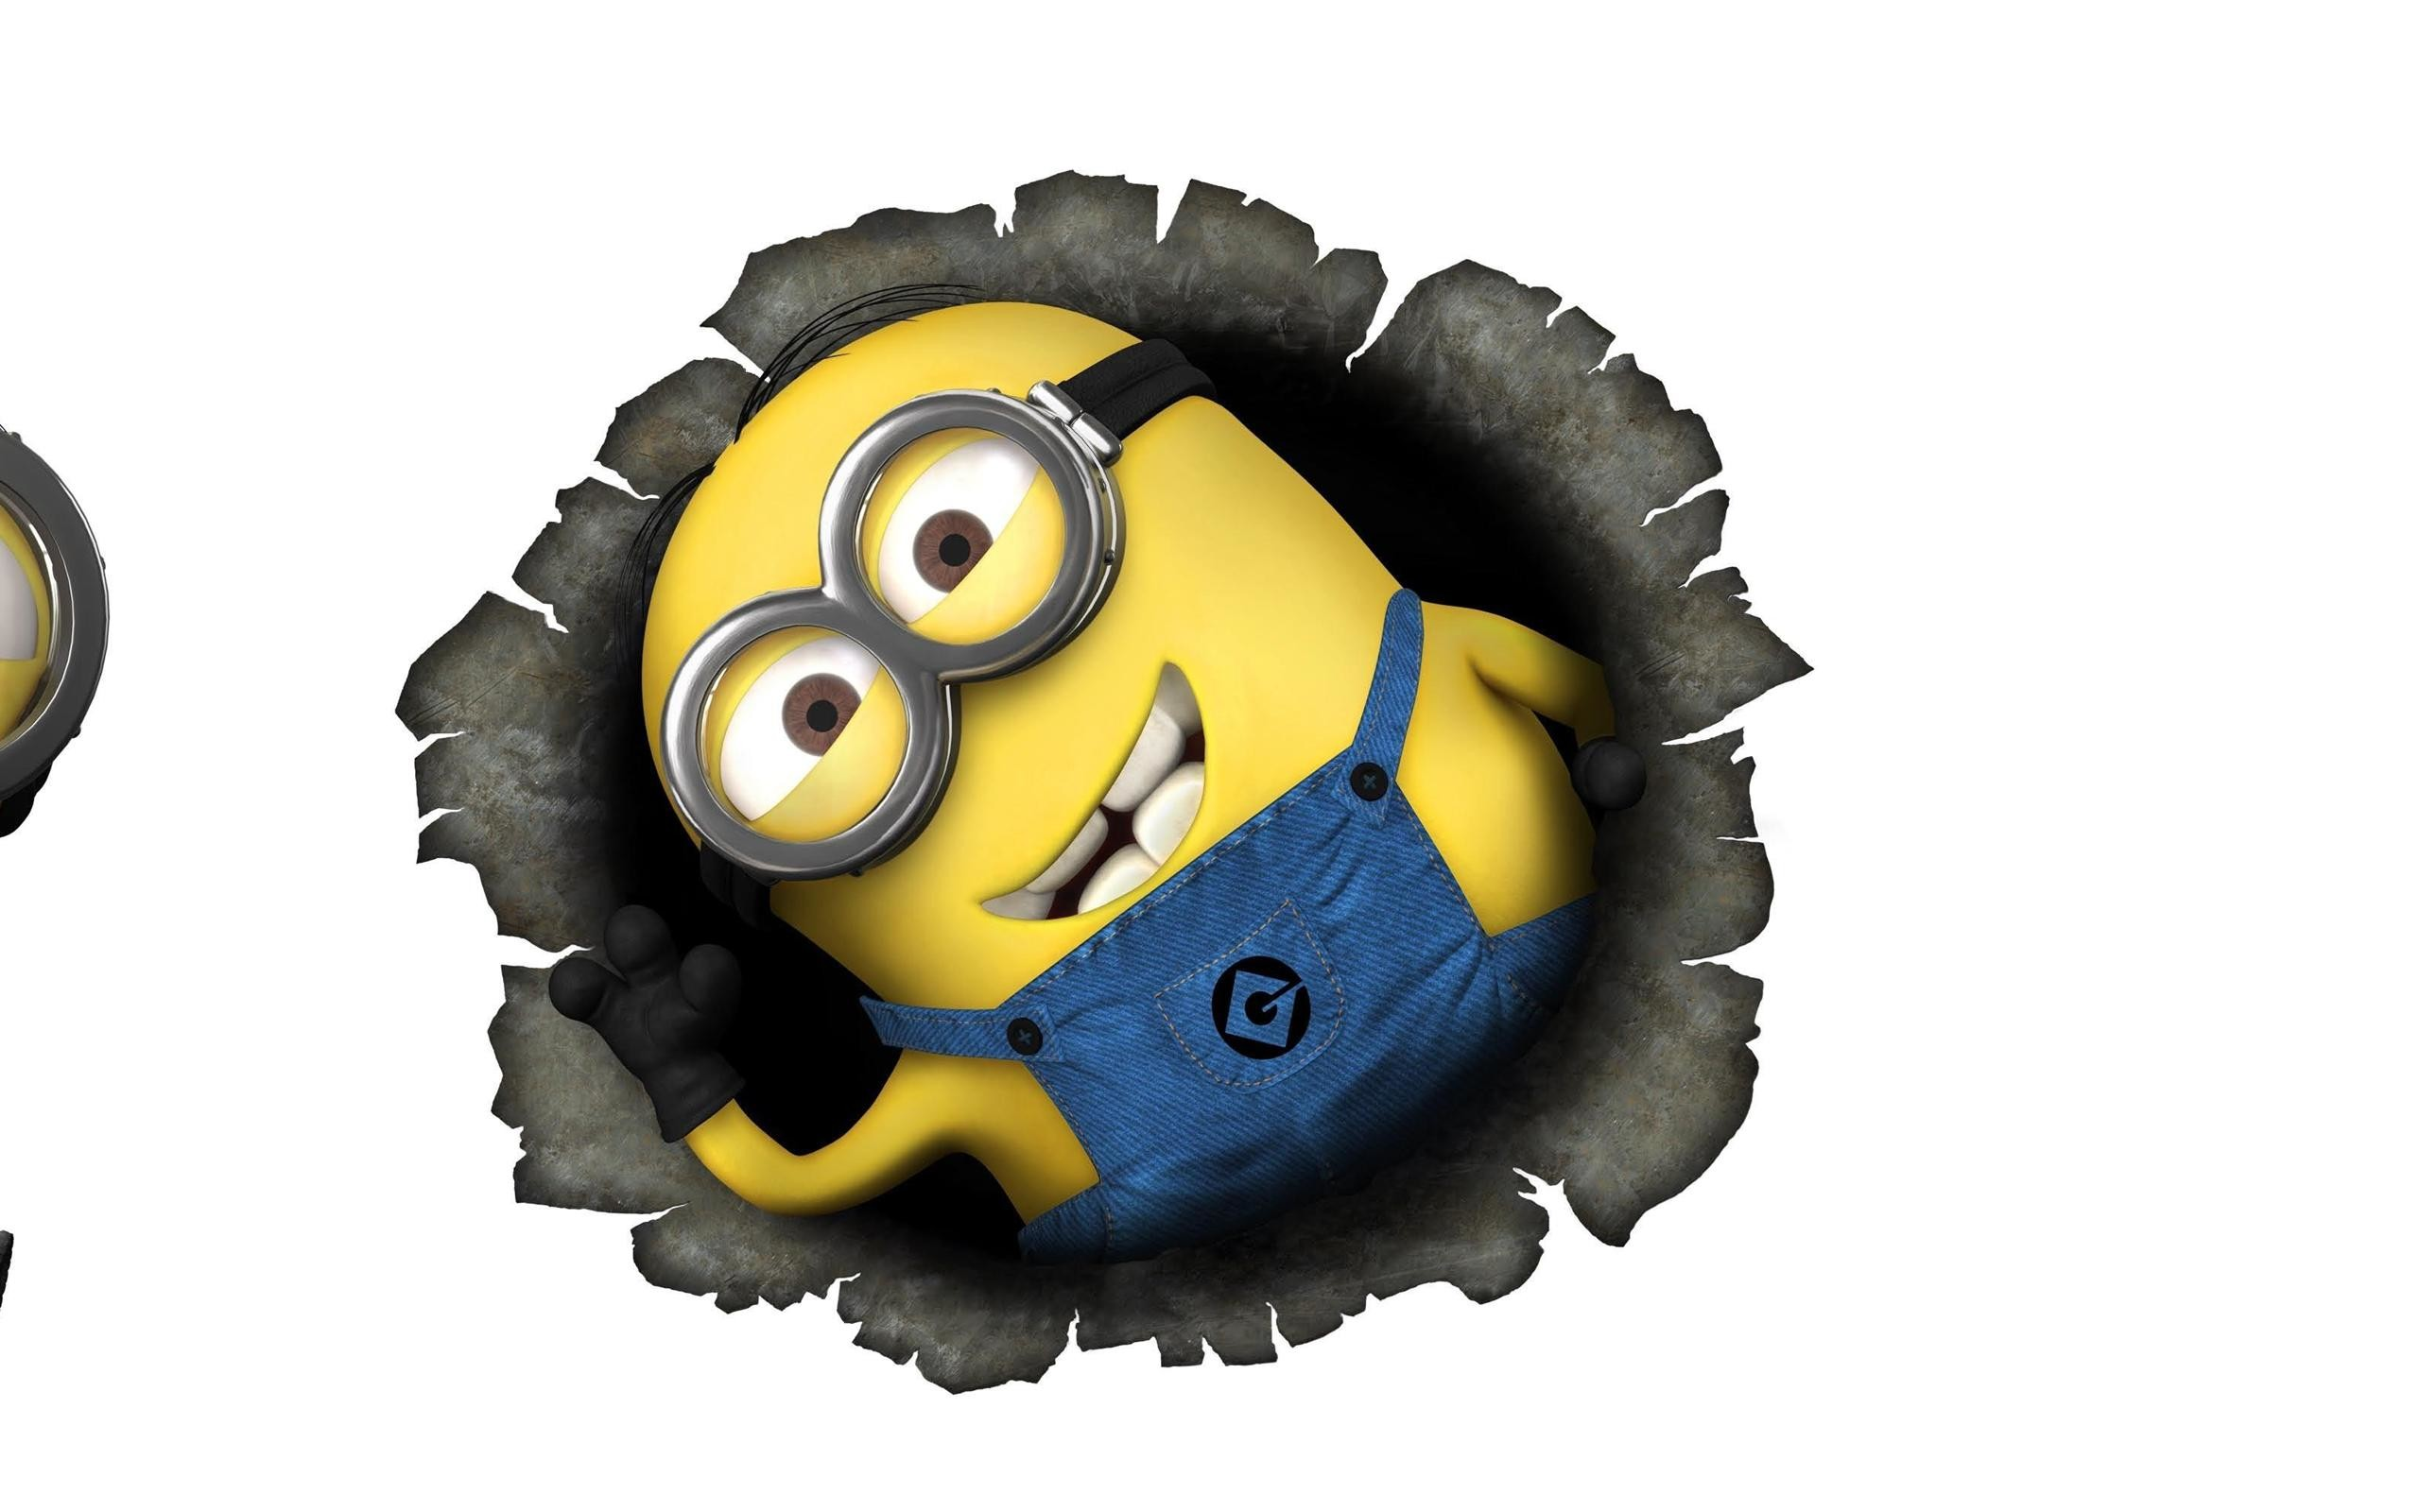 Dave Minions: Descargar esta imagen de los Minions para convertirla en .